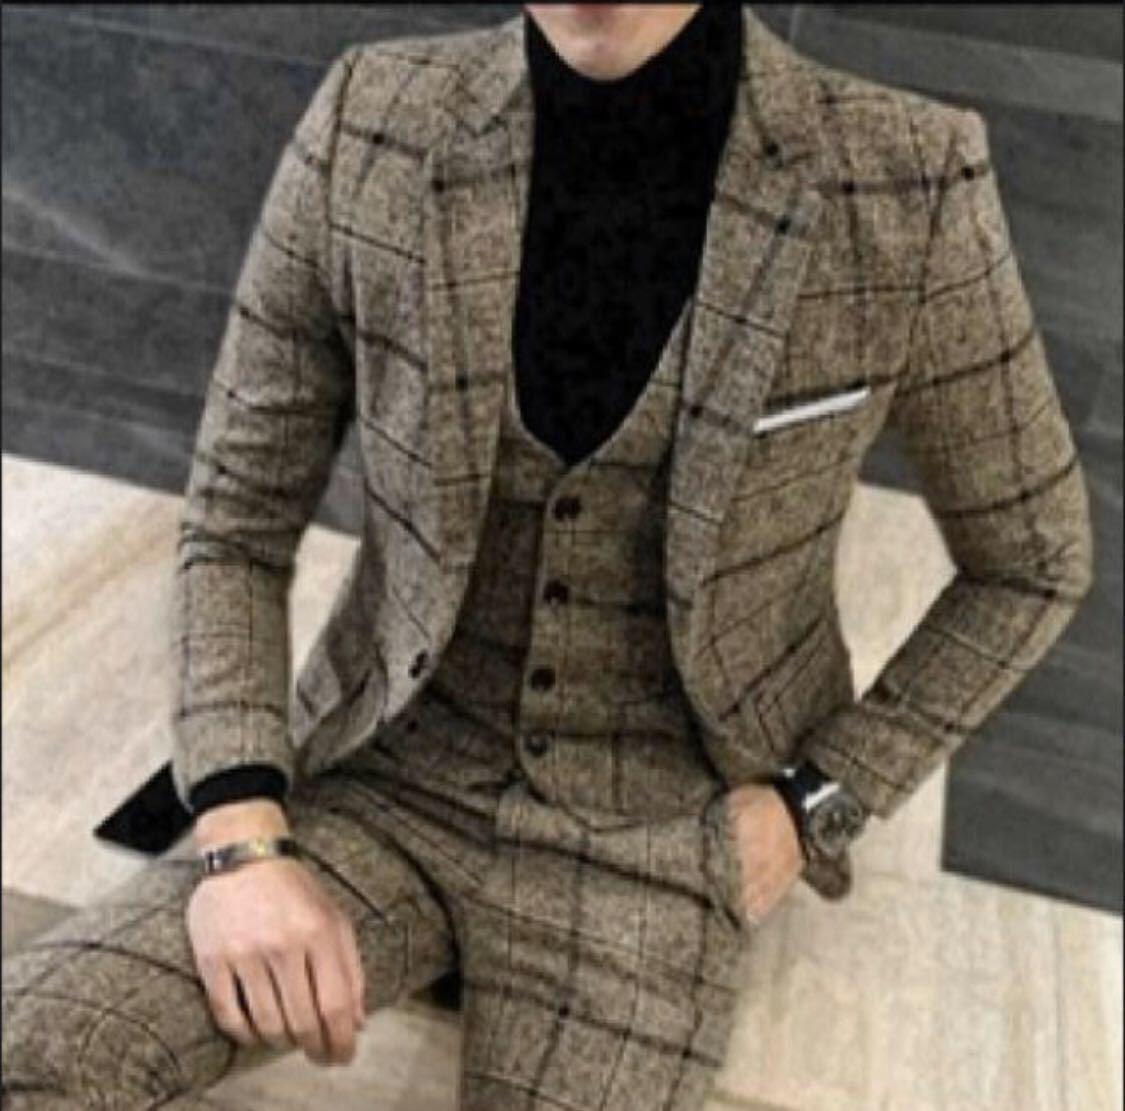 スーツ イエロー 3点セット M ジャケット パンツ ベスト チェック フォーマル ビジネス ボトムス ジレ ボーダー ストライプ